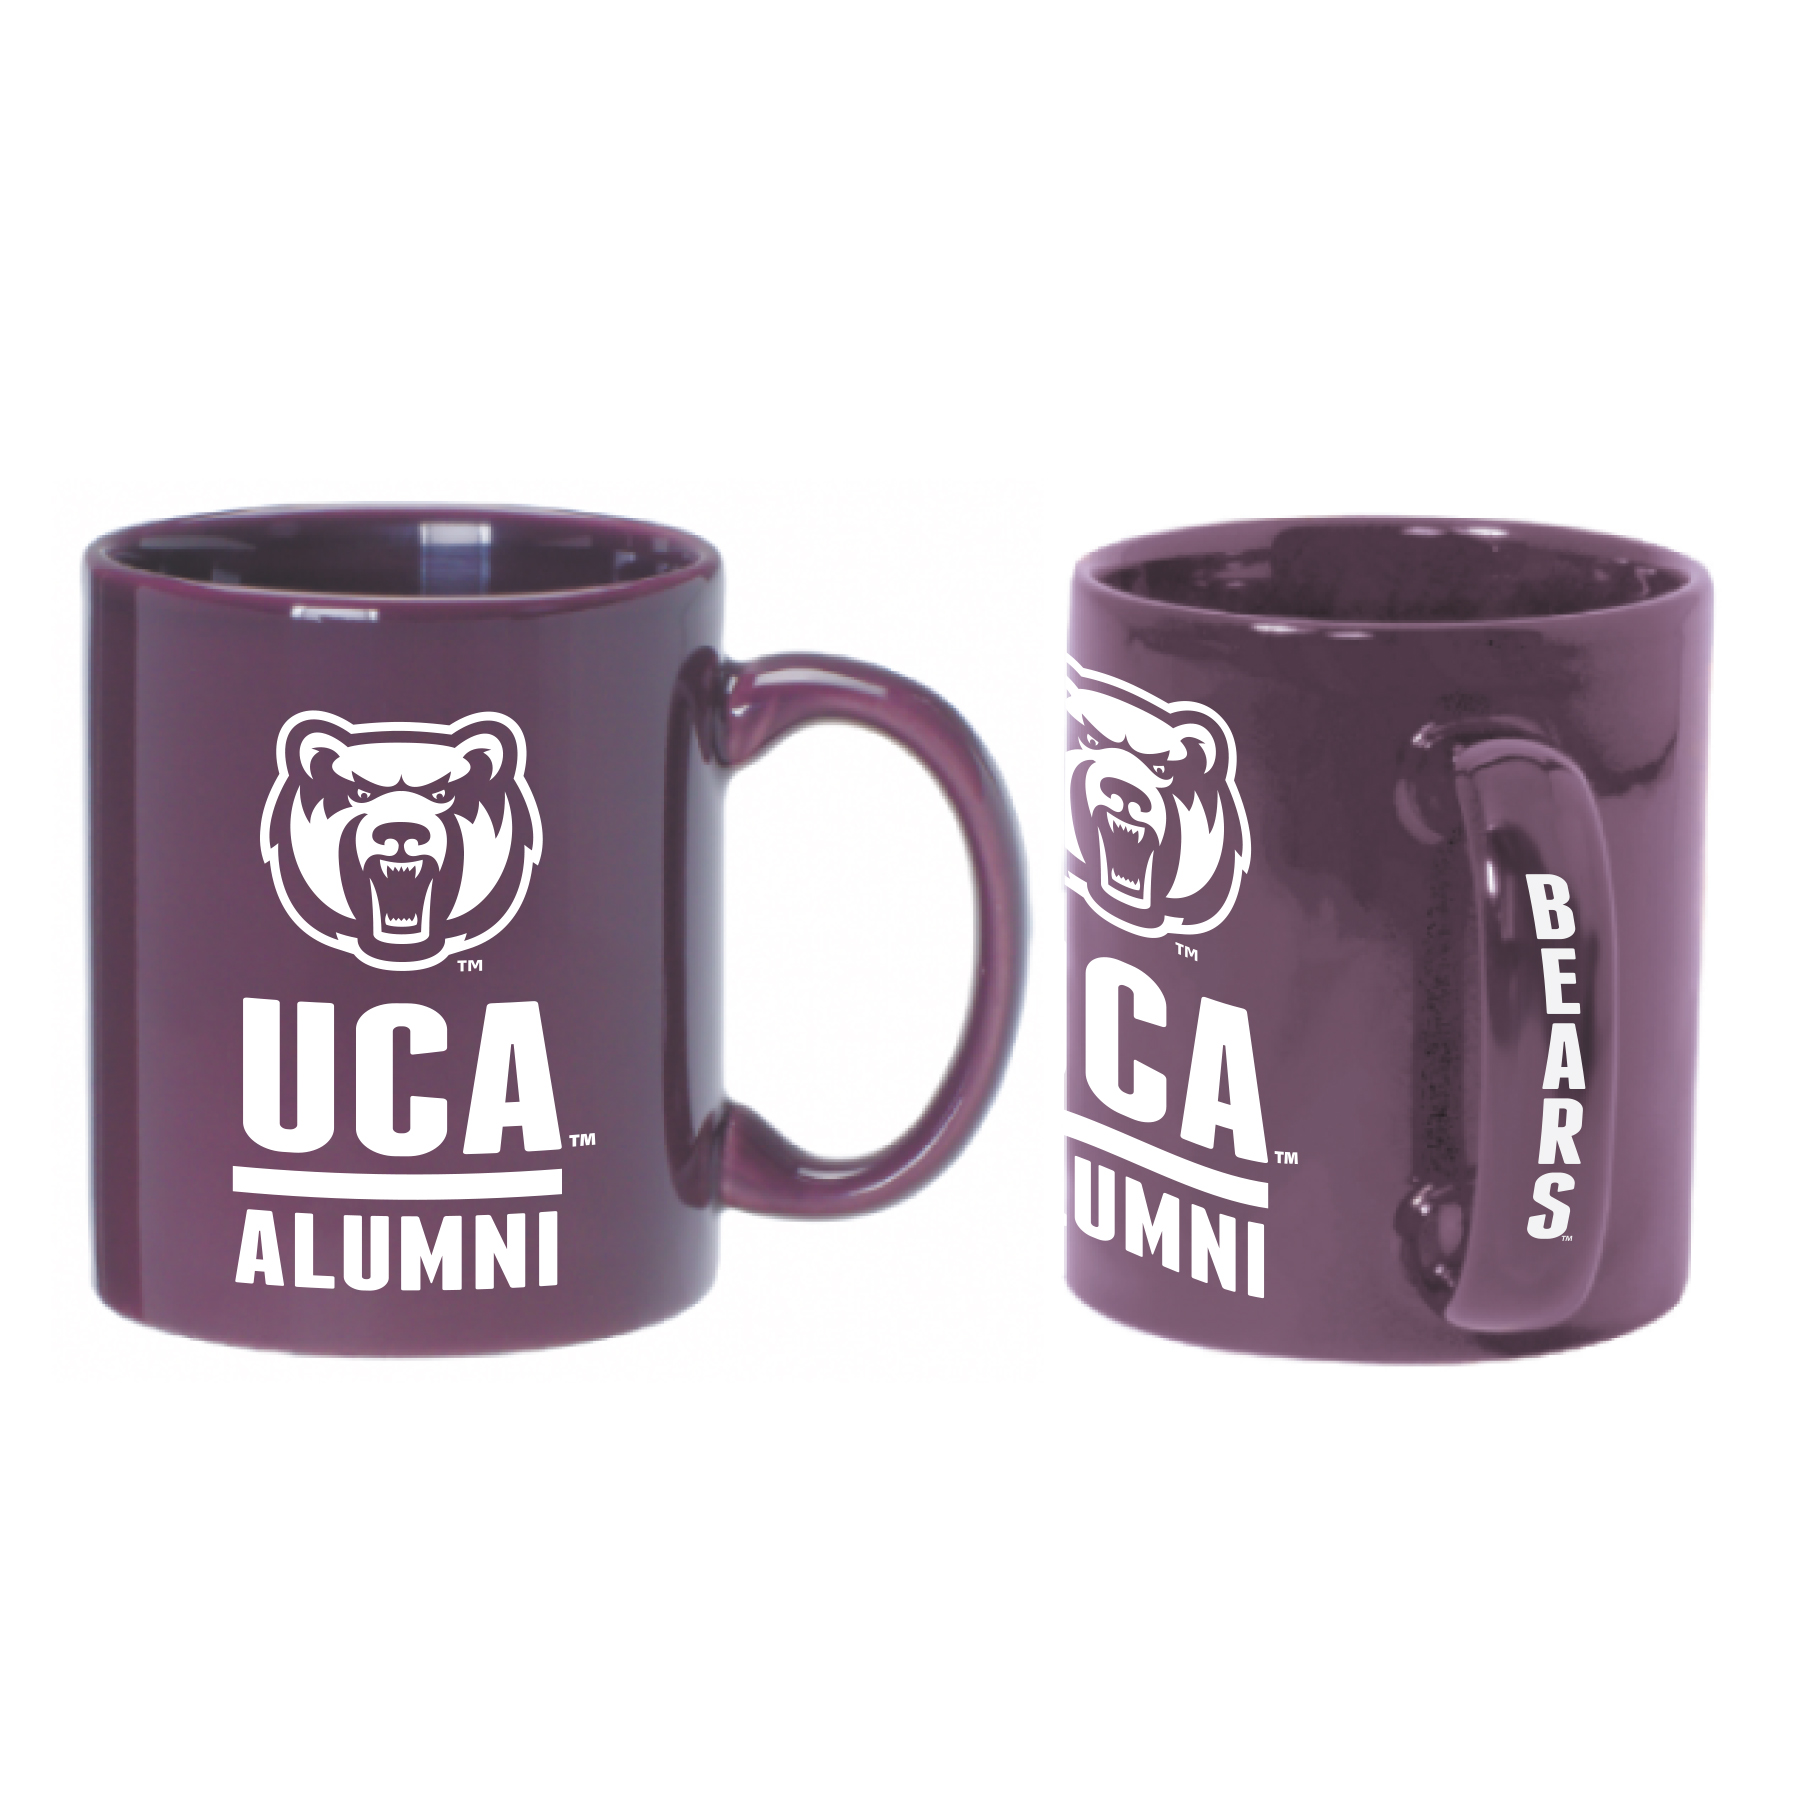 UCA Alumni Handler Mug